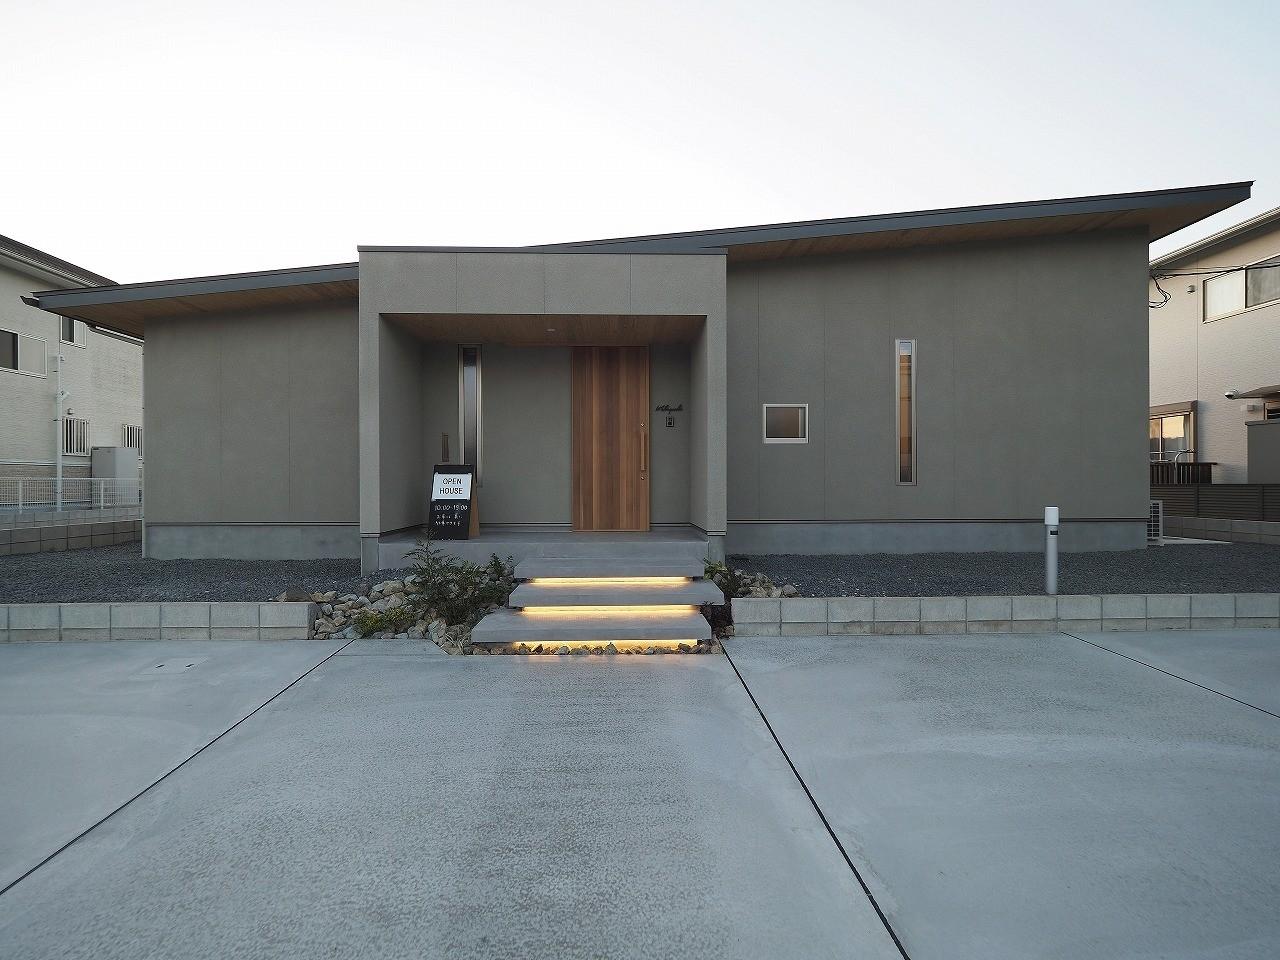 アウトドア事例:玄関アプローチ階段 間接照明(須賀崎の家  ロの字のコートハウス)